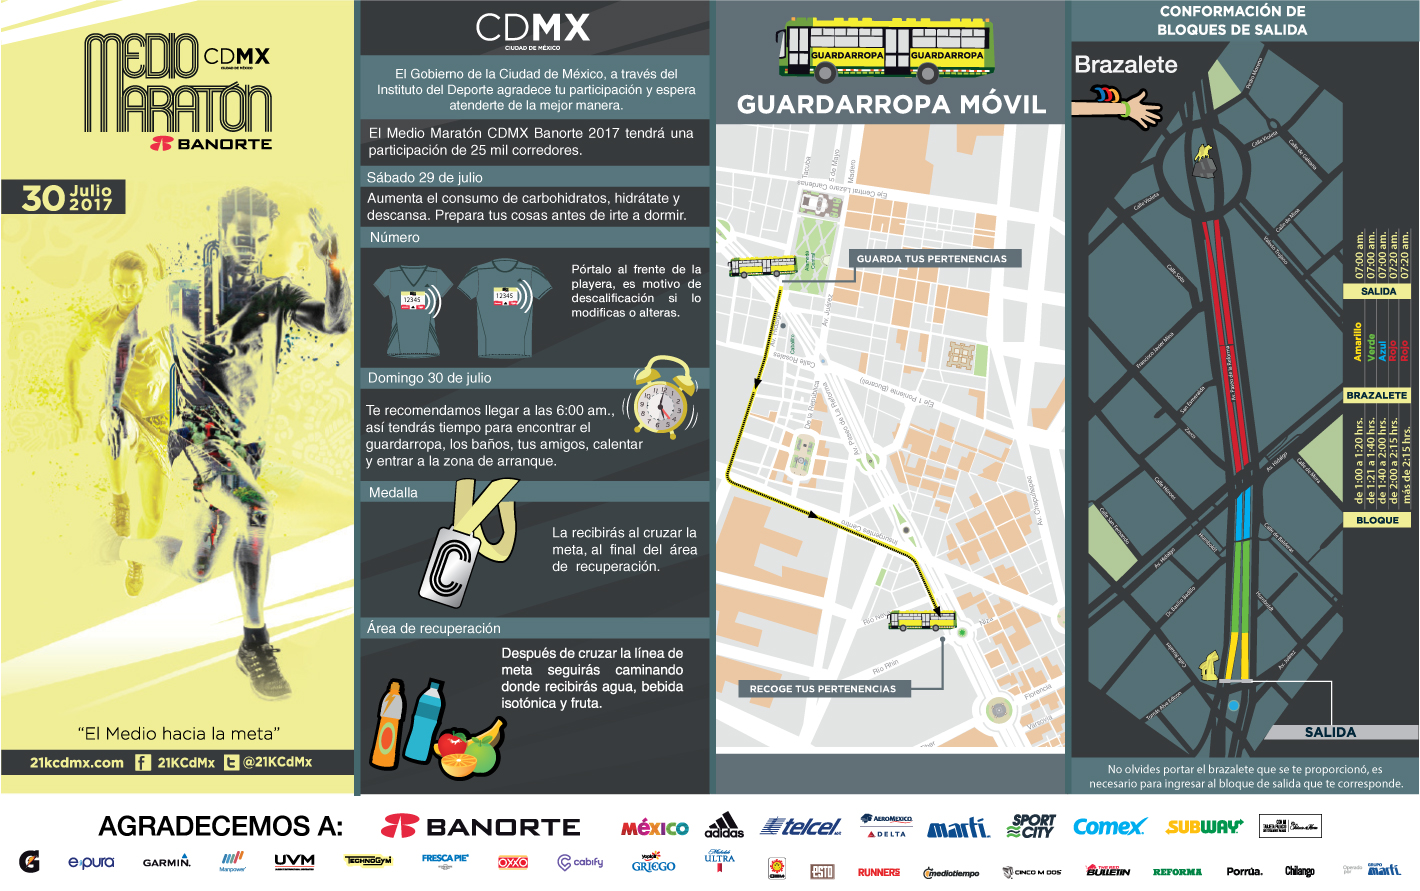 pasaporte informativo 21k cdmx medio maraton ciudad de mexico